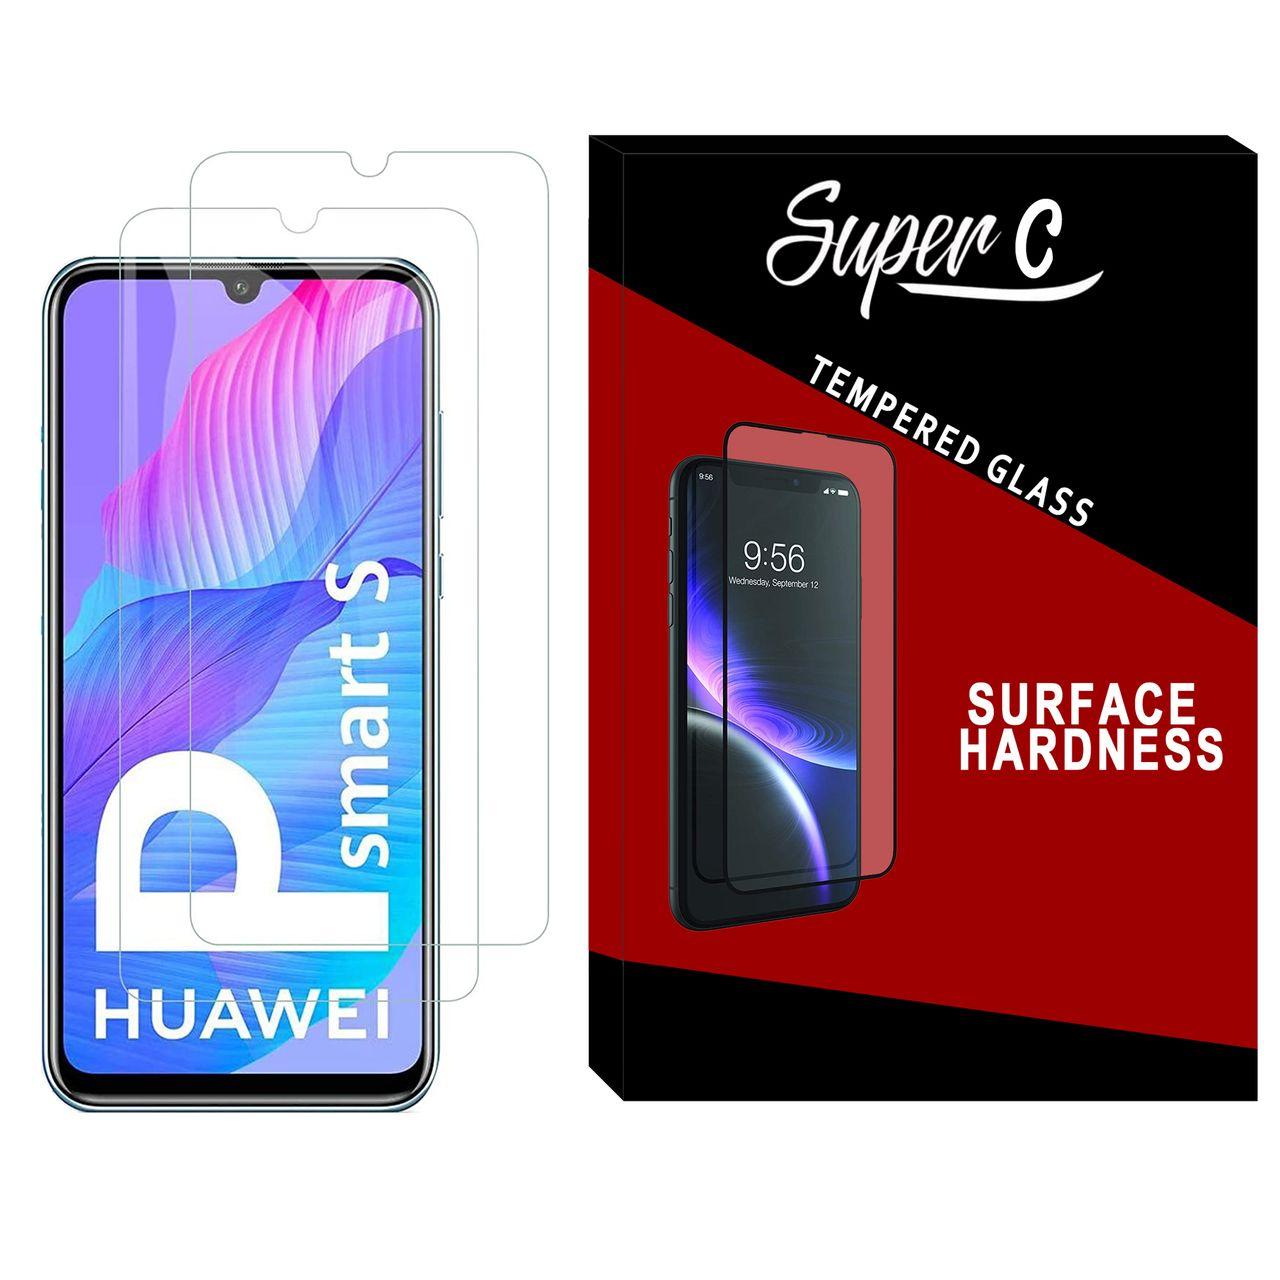 محافظ صفحه نمایش سوپر سی مدل SD-02 مناسب برای گوشی موبایل هواوی Y8p بسته دو عددی